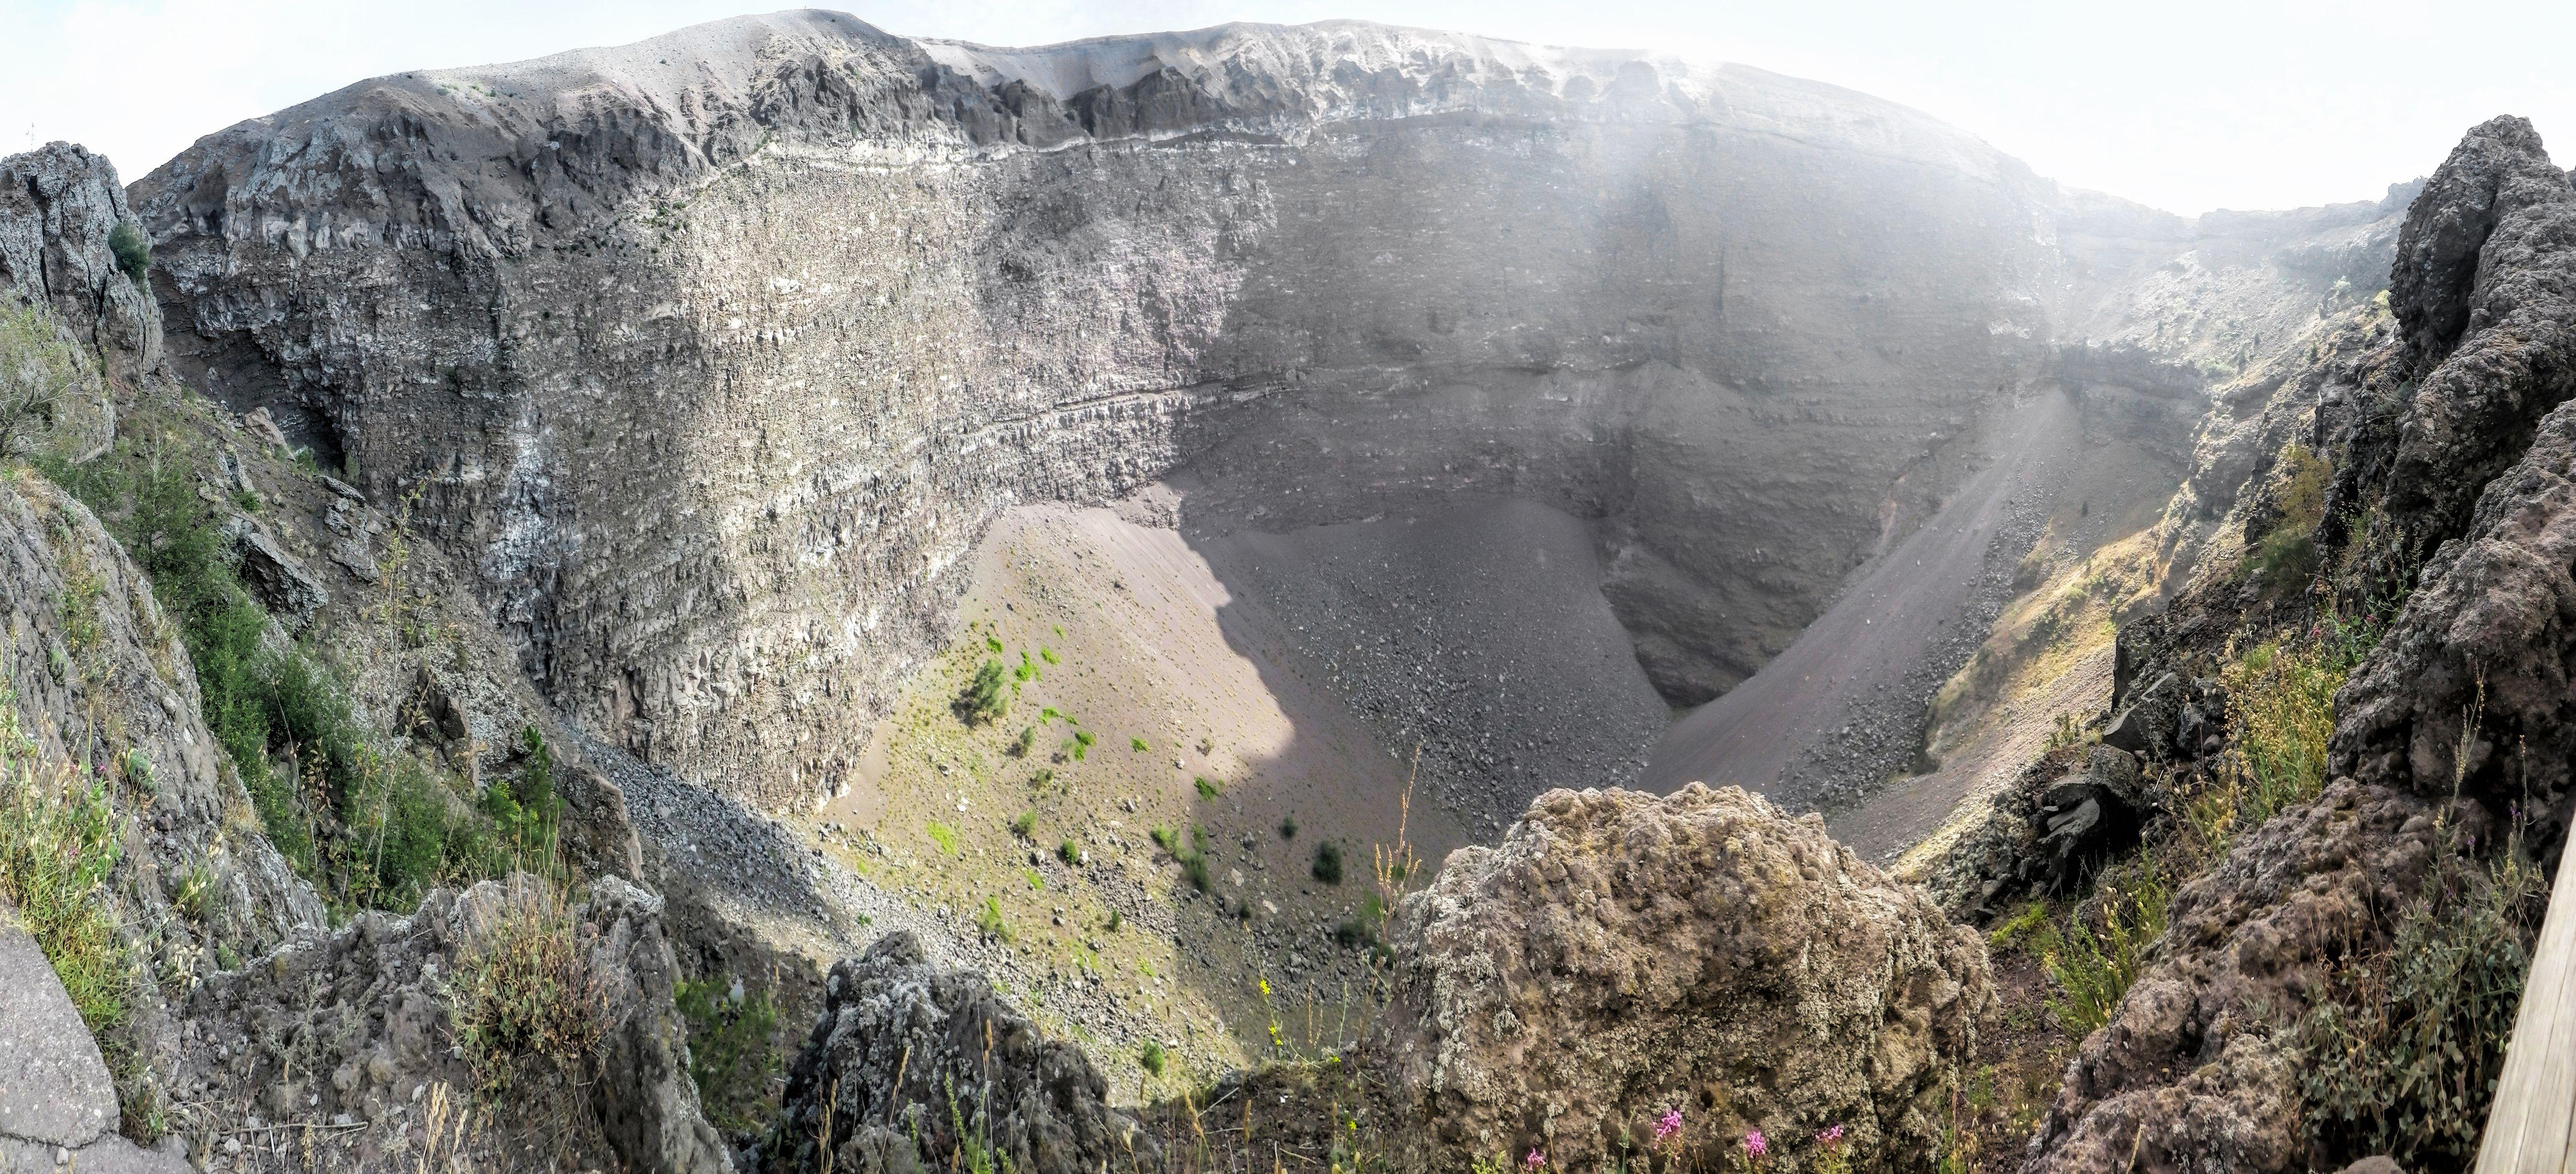 peak of Vesuvius volcano